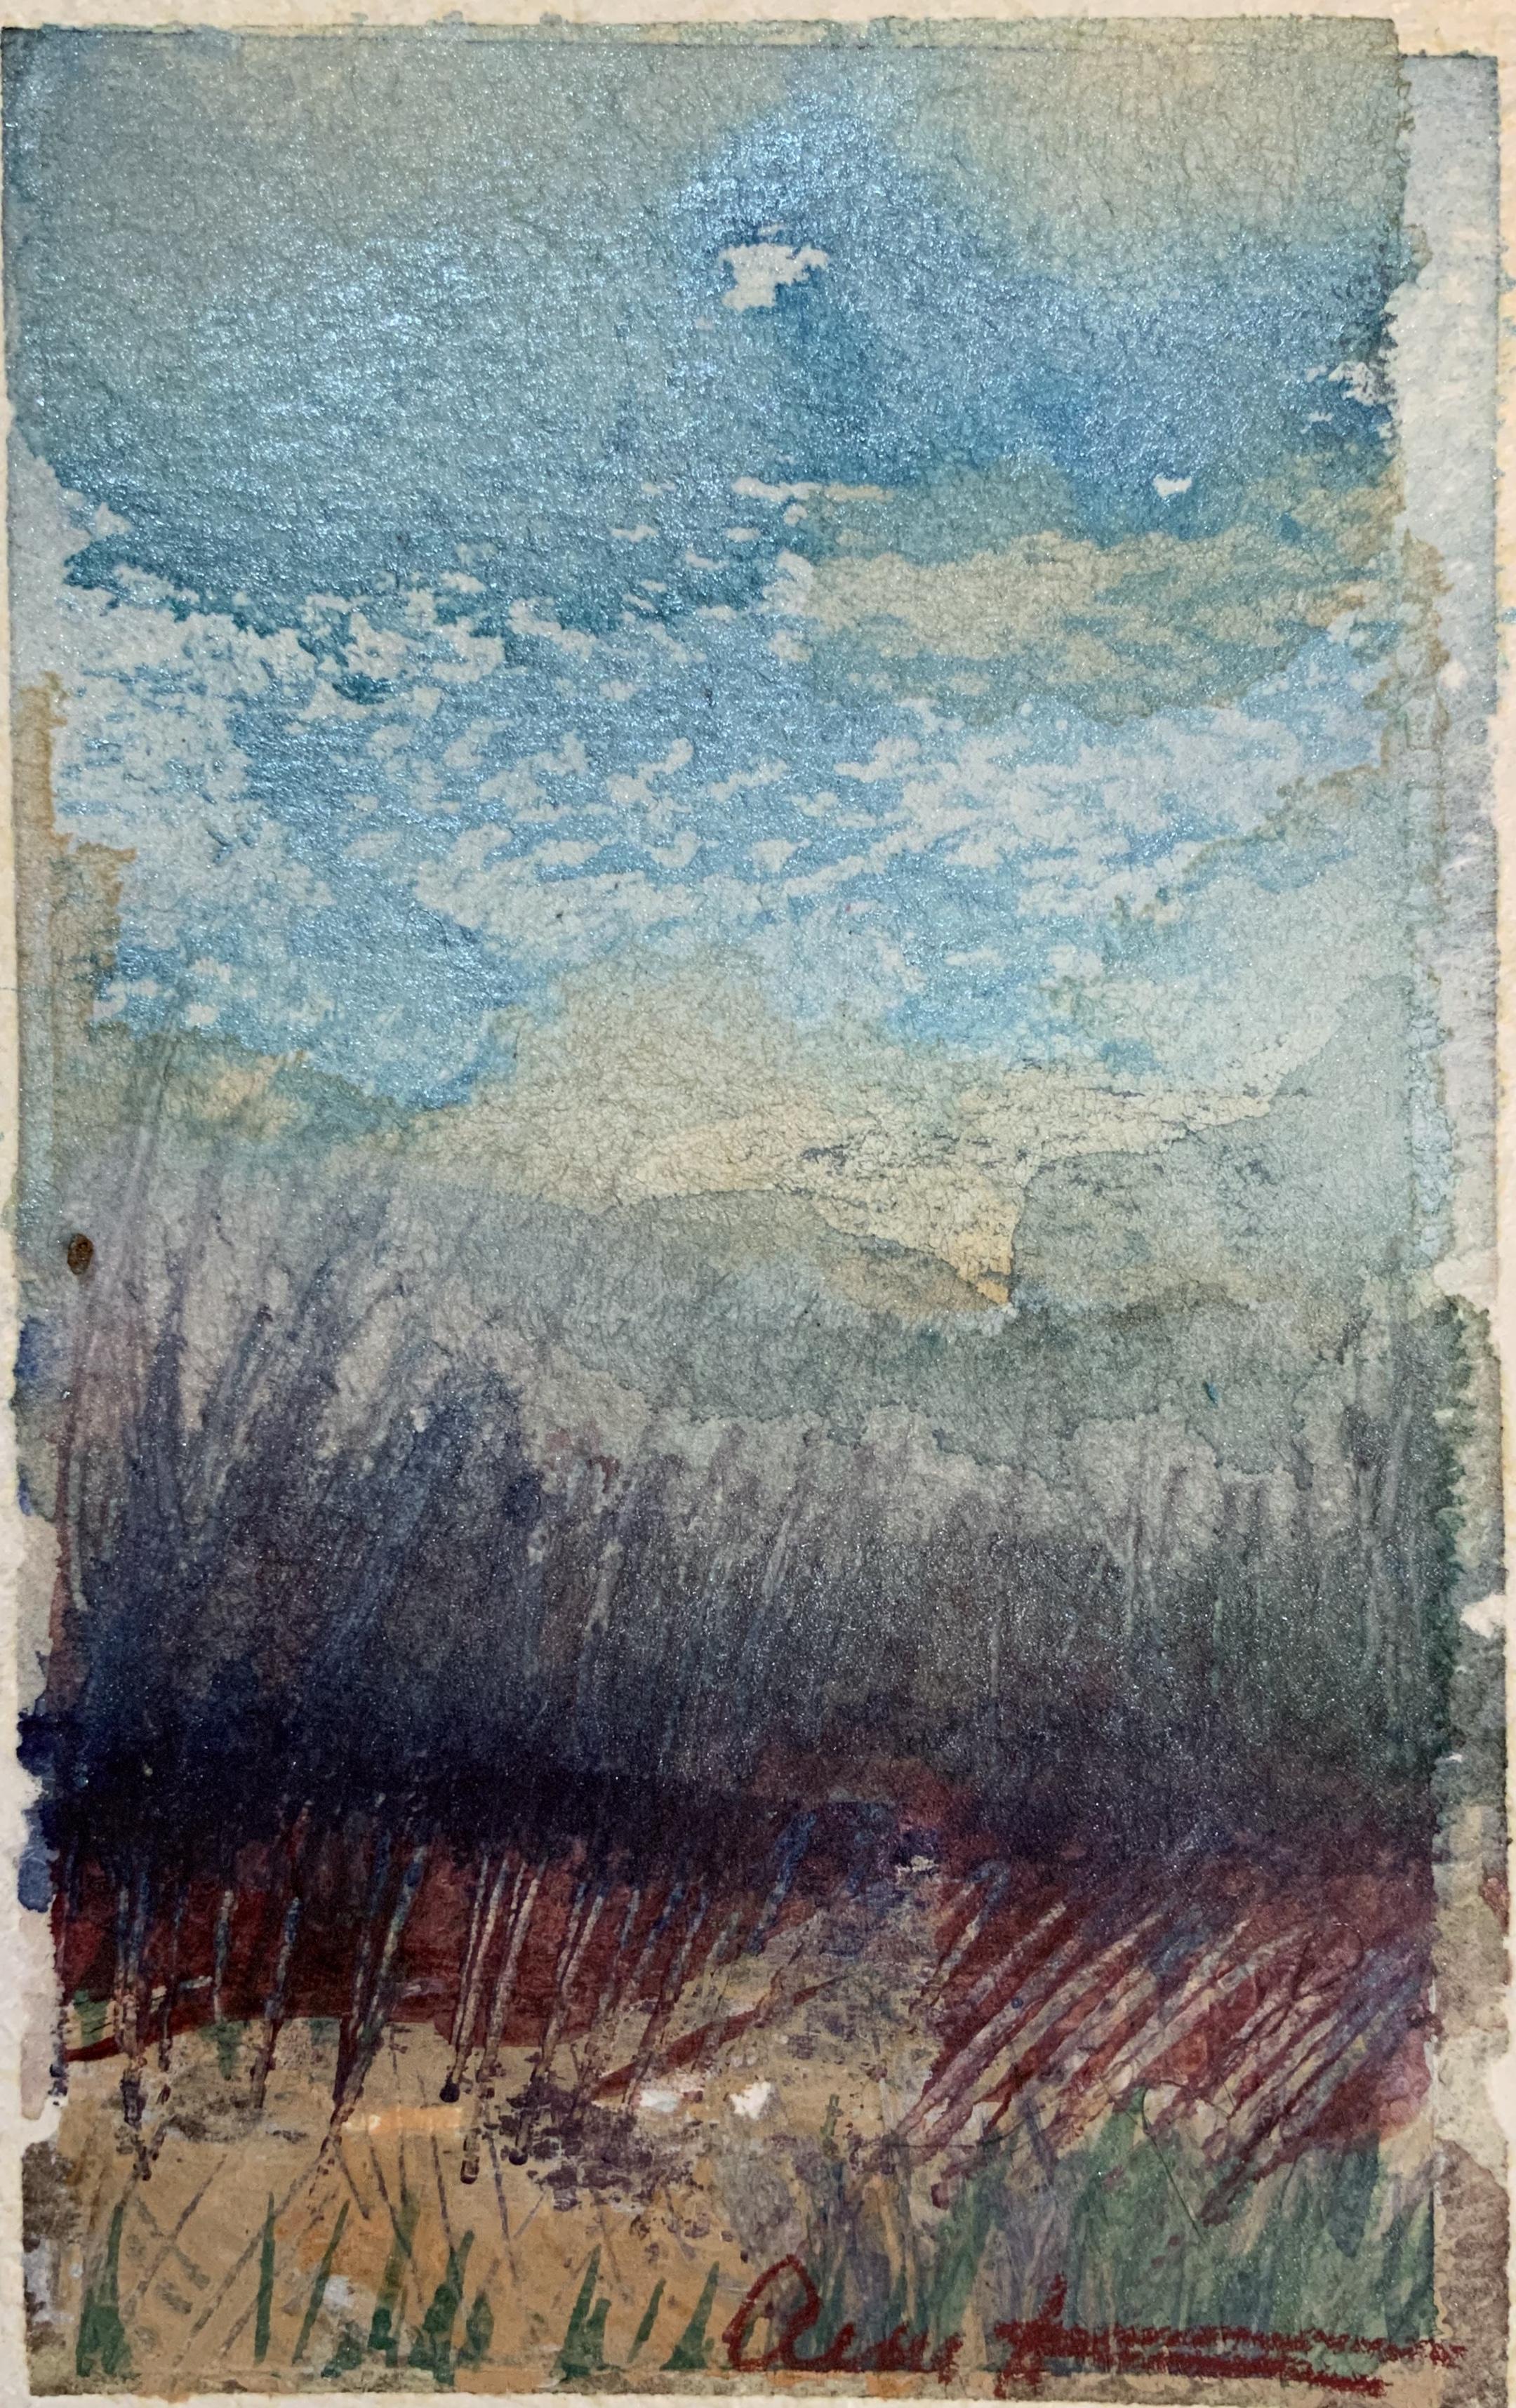 Mountaincloud by Ann Stretton